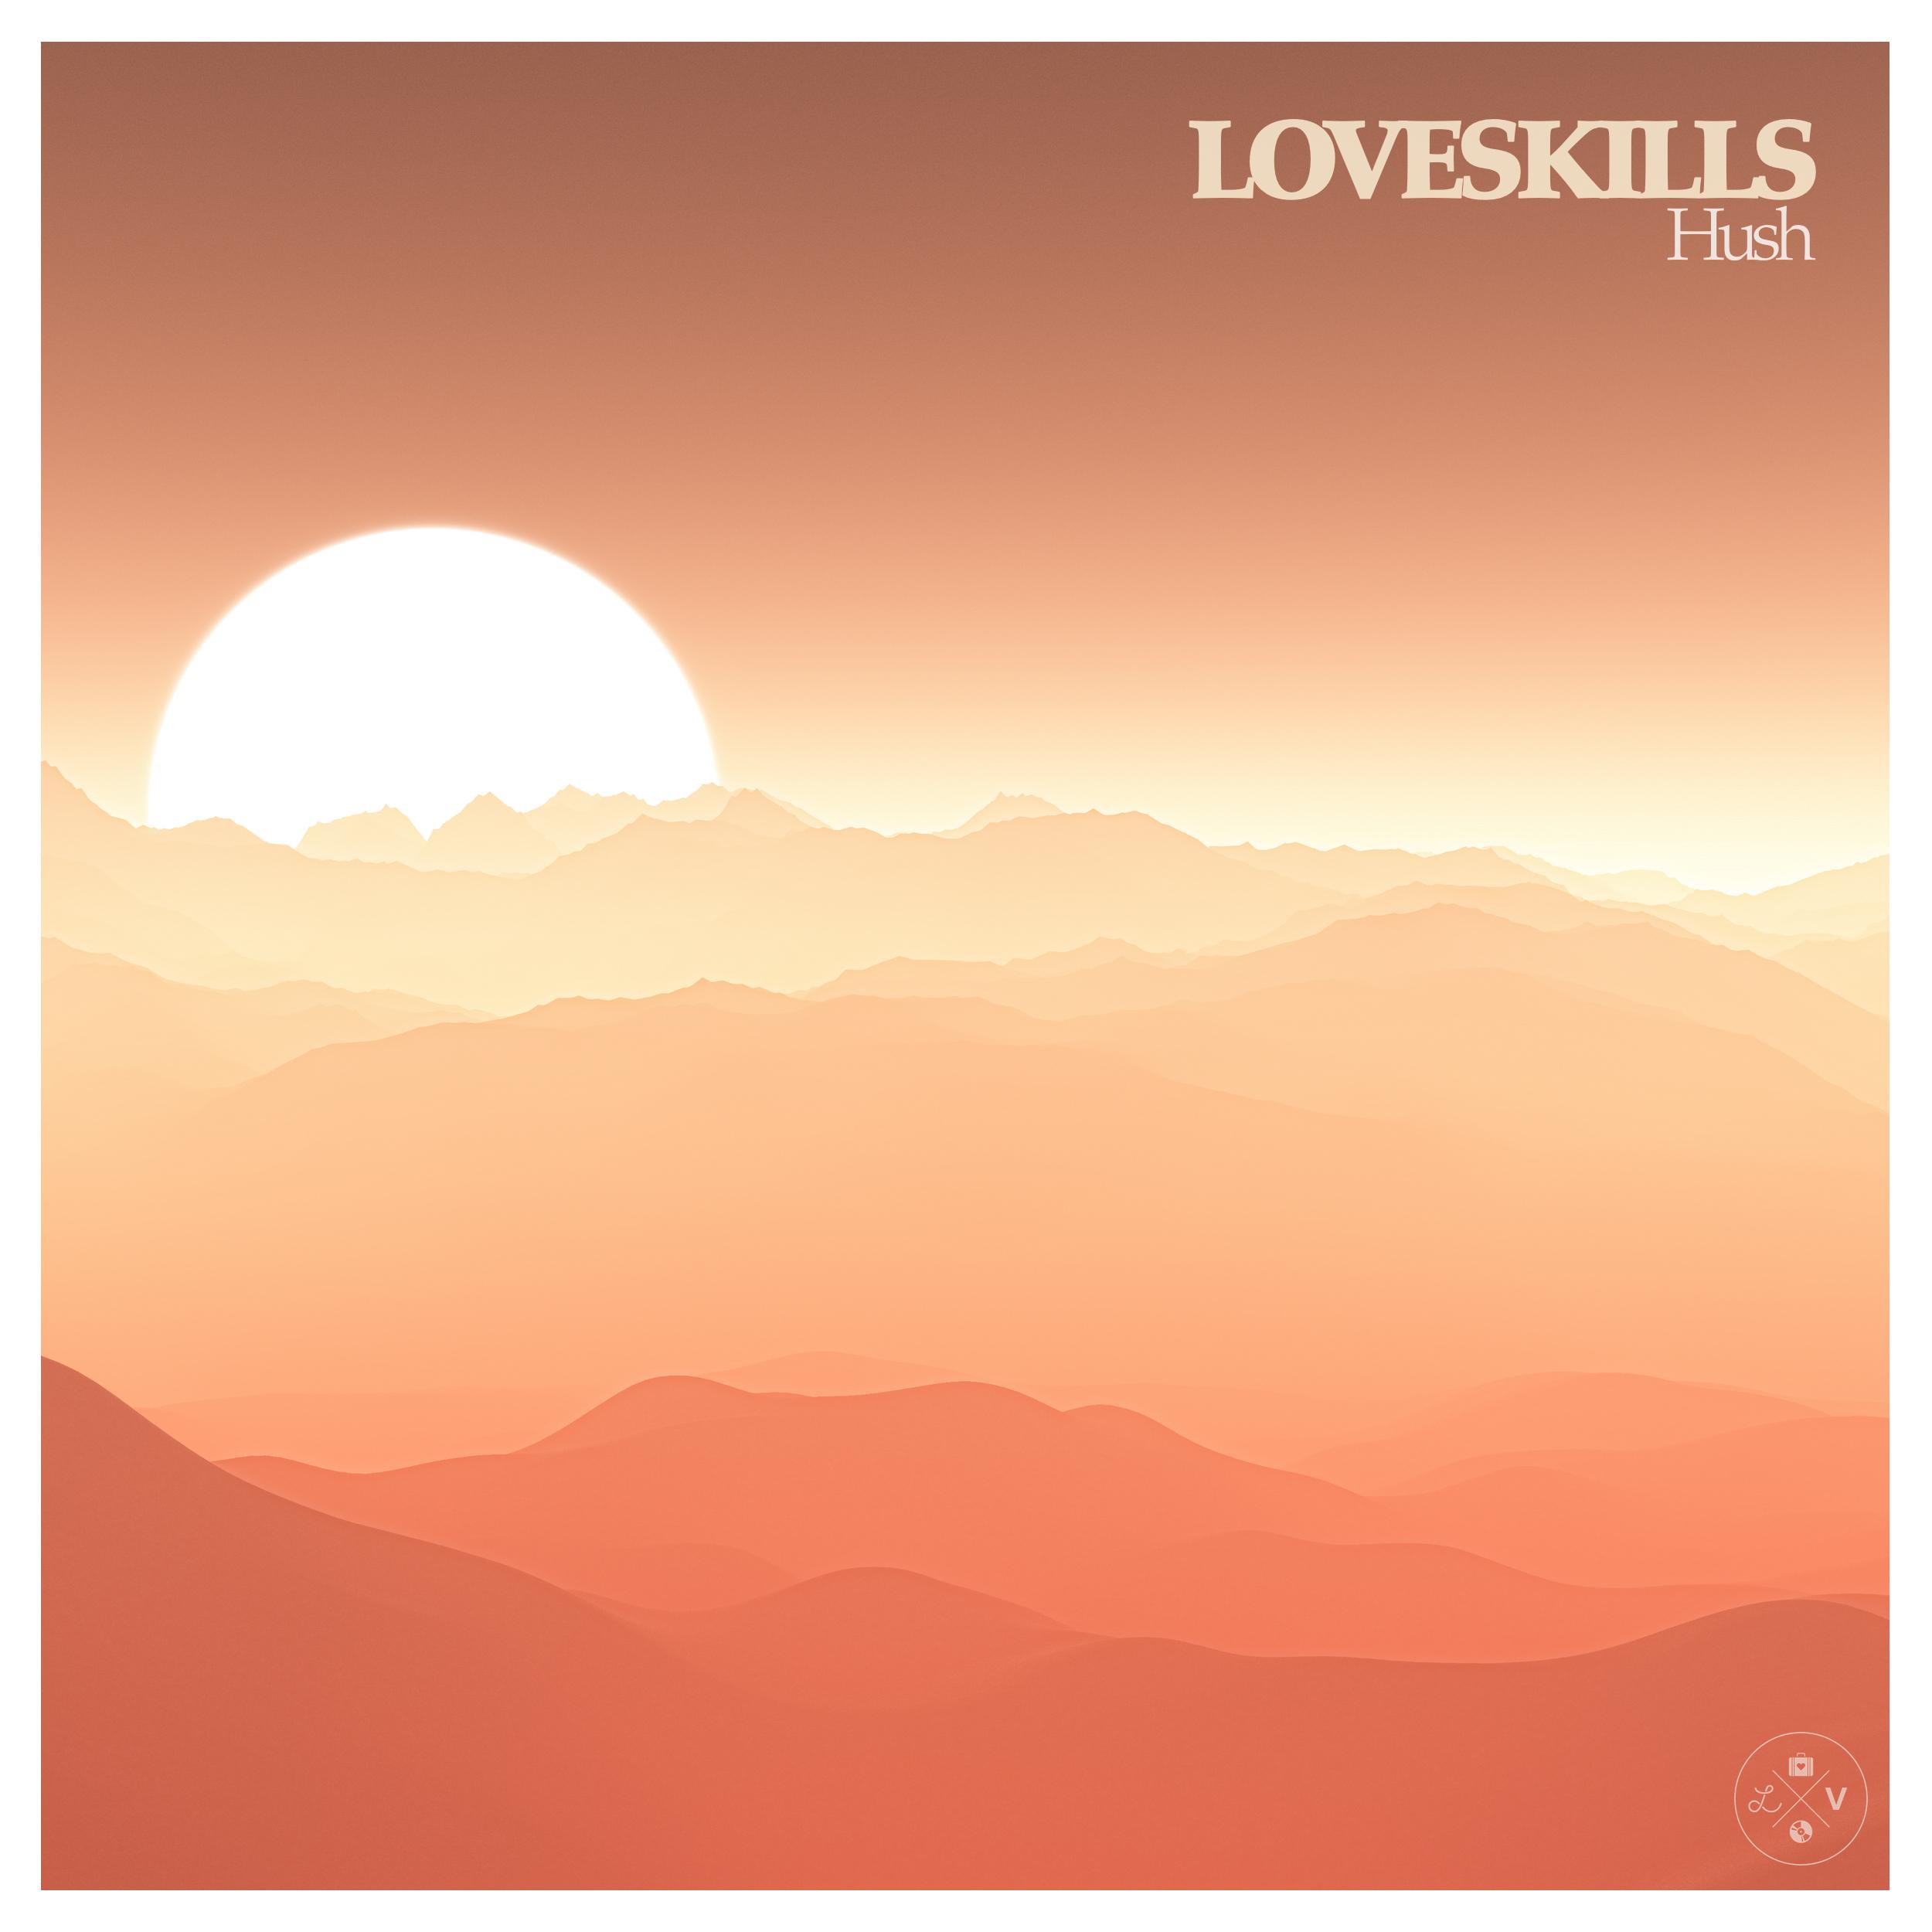 Loveskills - Hush.jpg